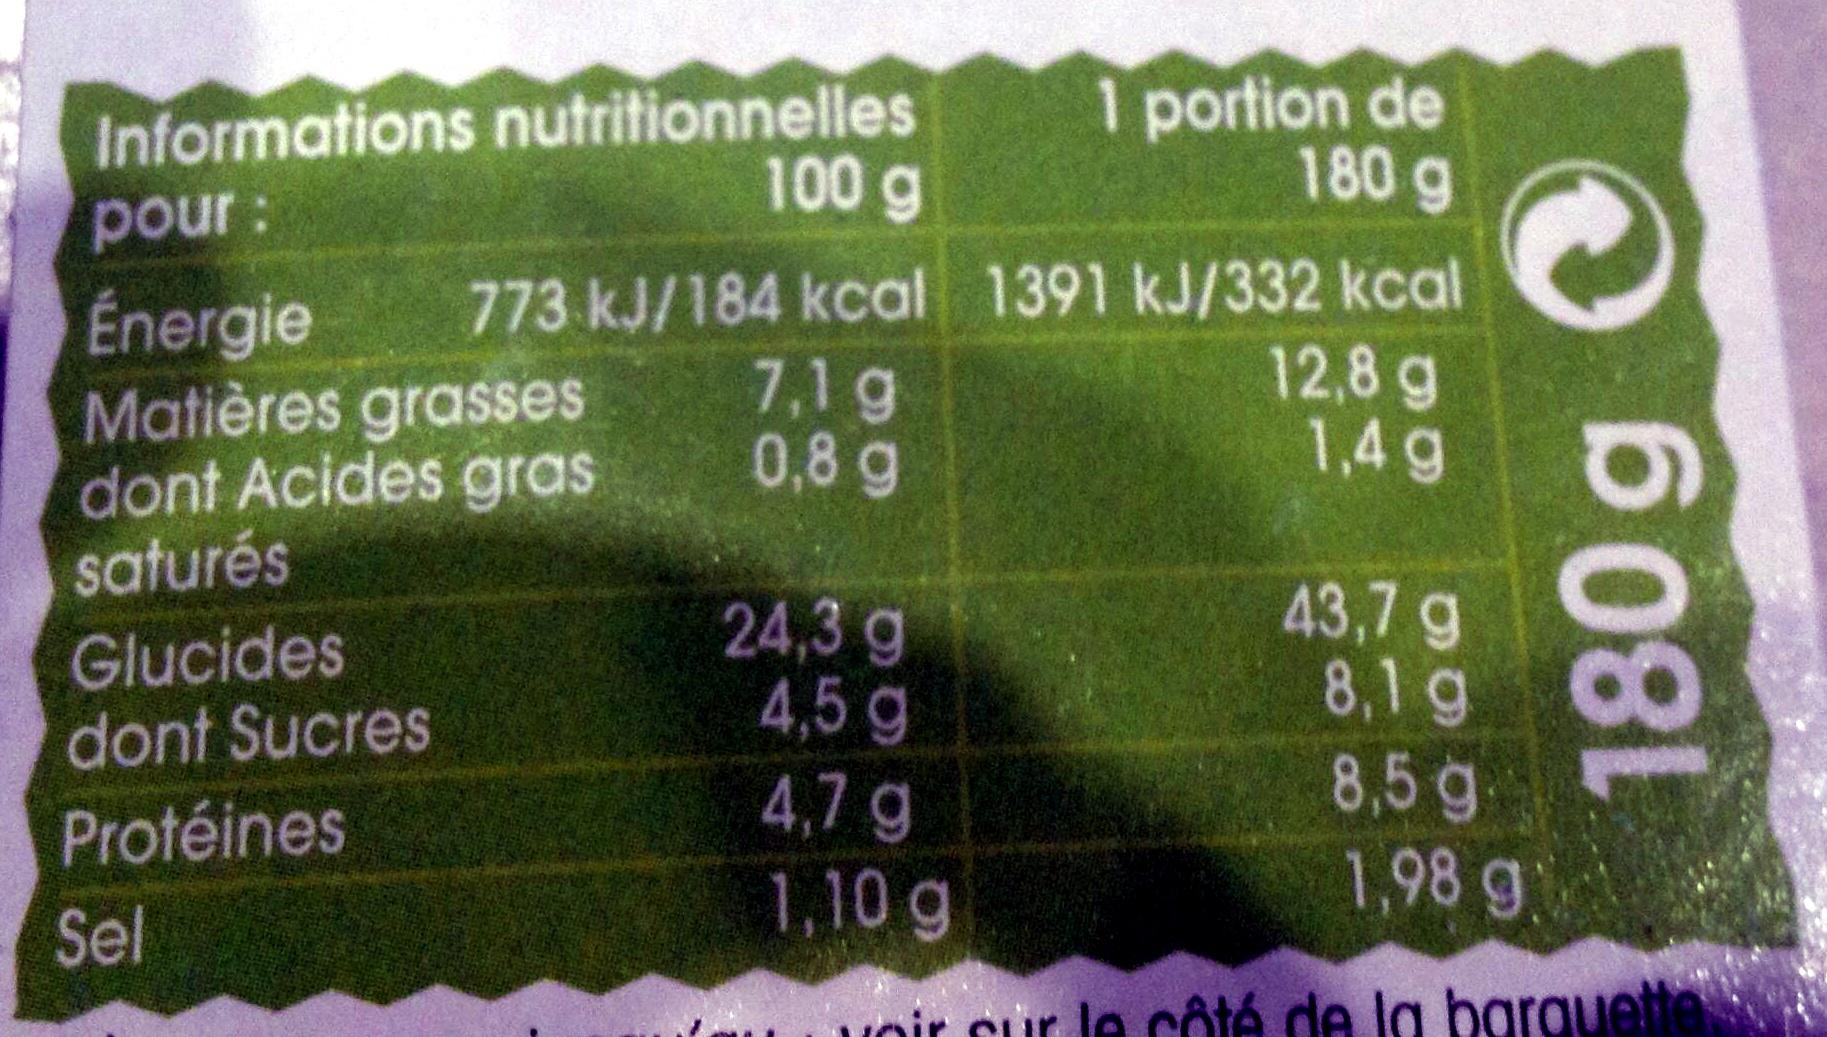 Taboulé oriental à l'huile d'olive vierge extra - Informations nutritionnelles - fr